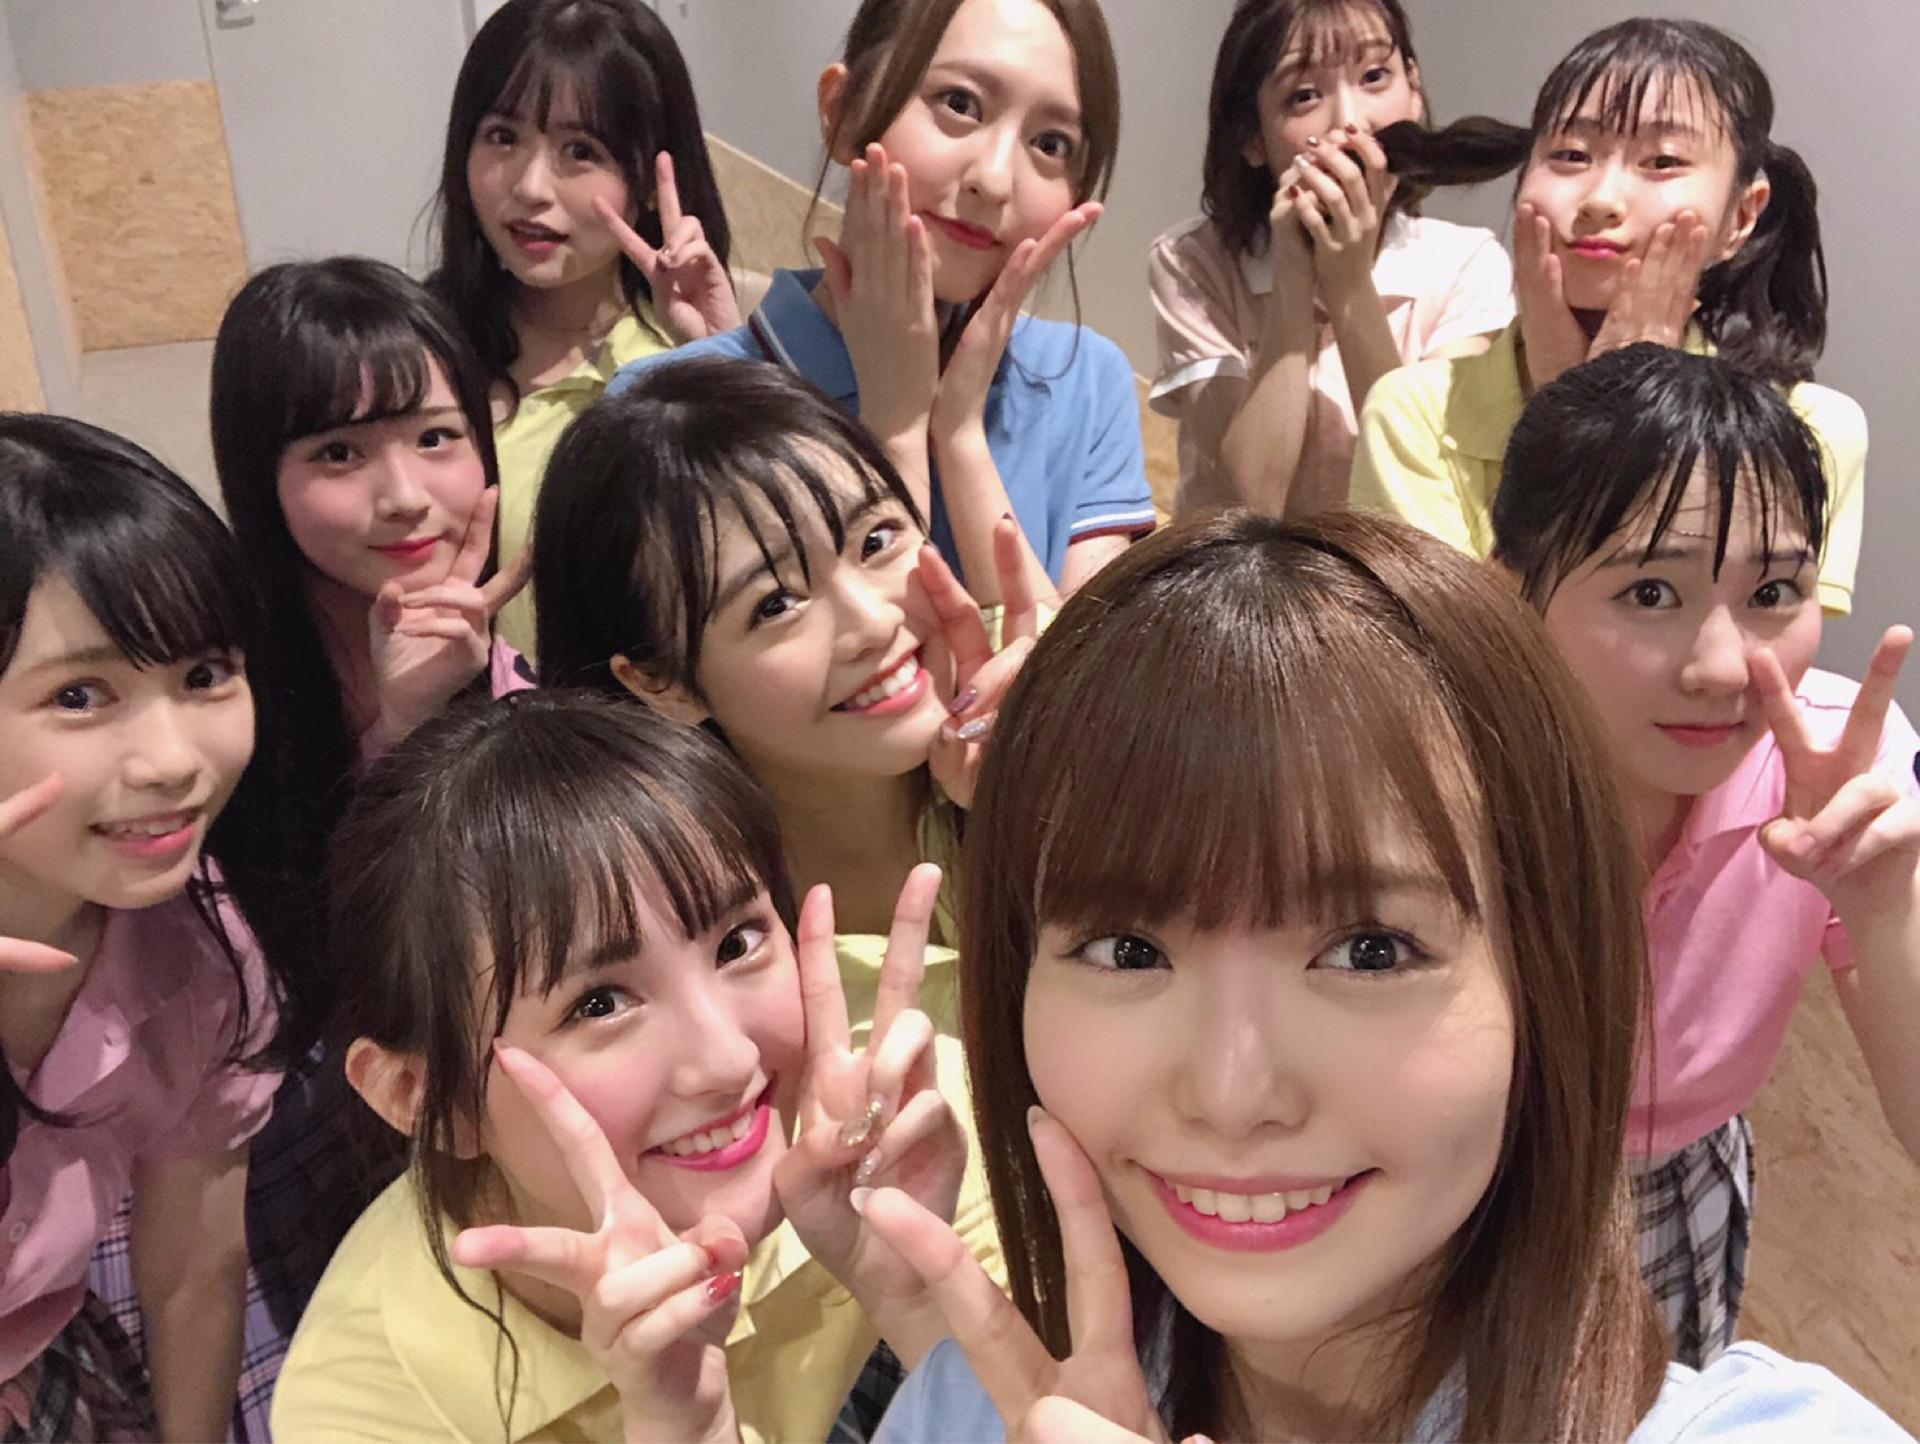 【HKT48】松岡菜摘応援スレ Part5【なつ/避難所】 YouTube動画>5本 ->画像>725枚